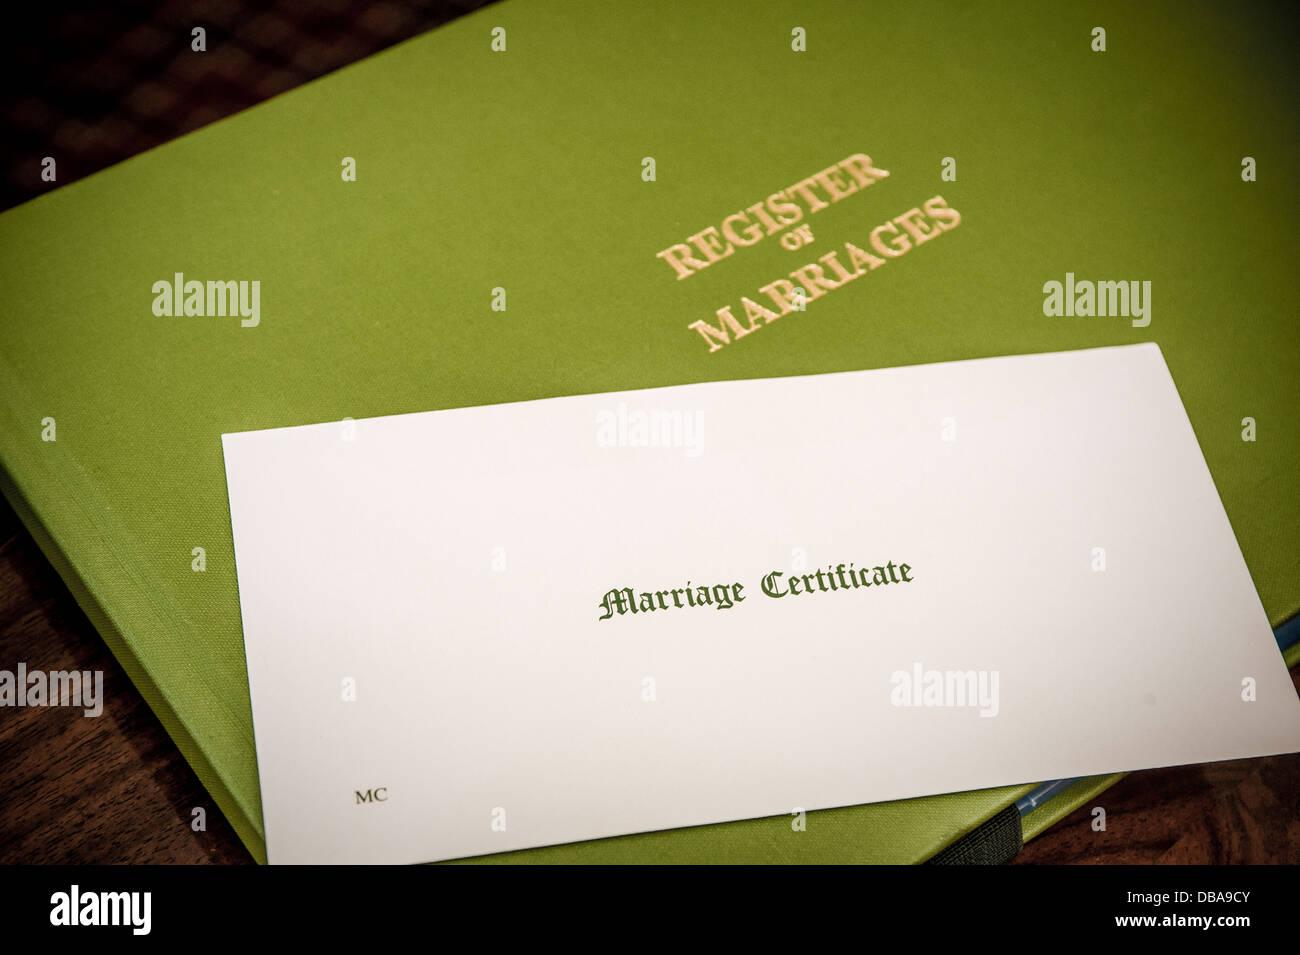 Certificat de mariage en enveloppe et registre des mariages book Photo Stock